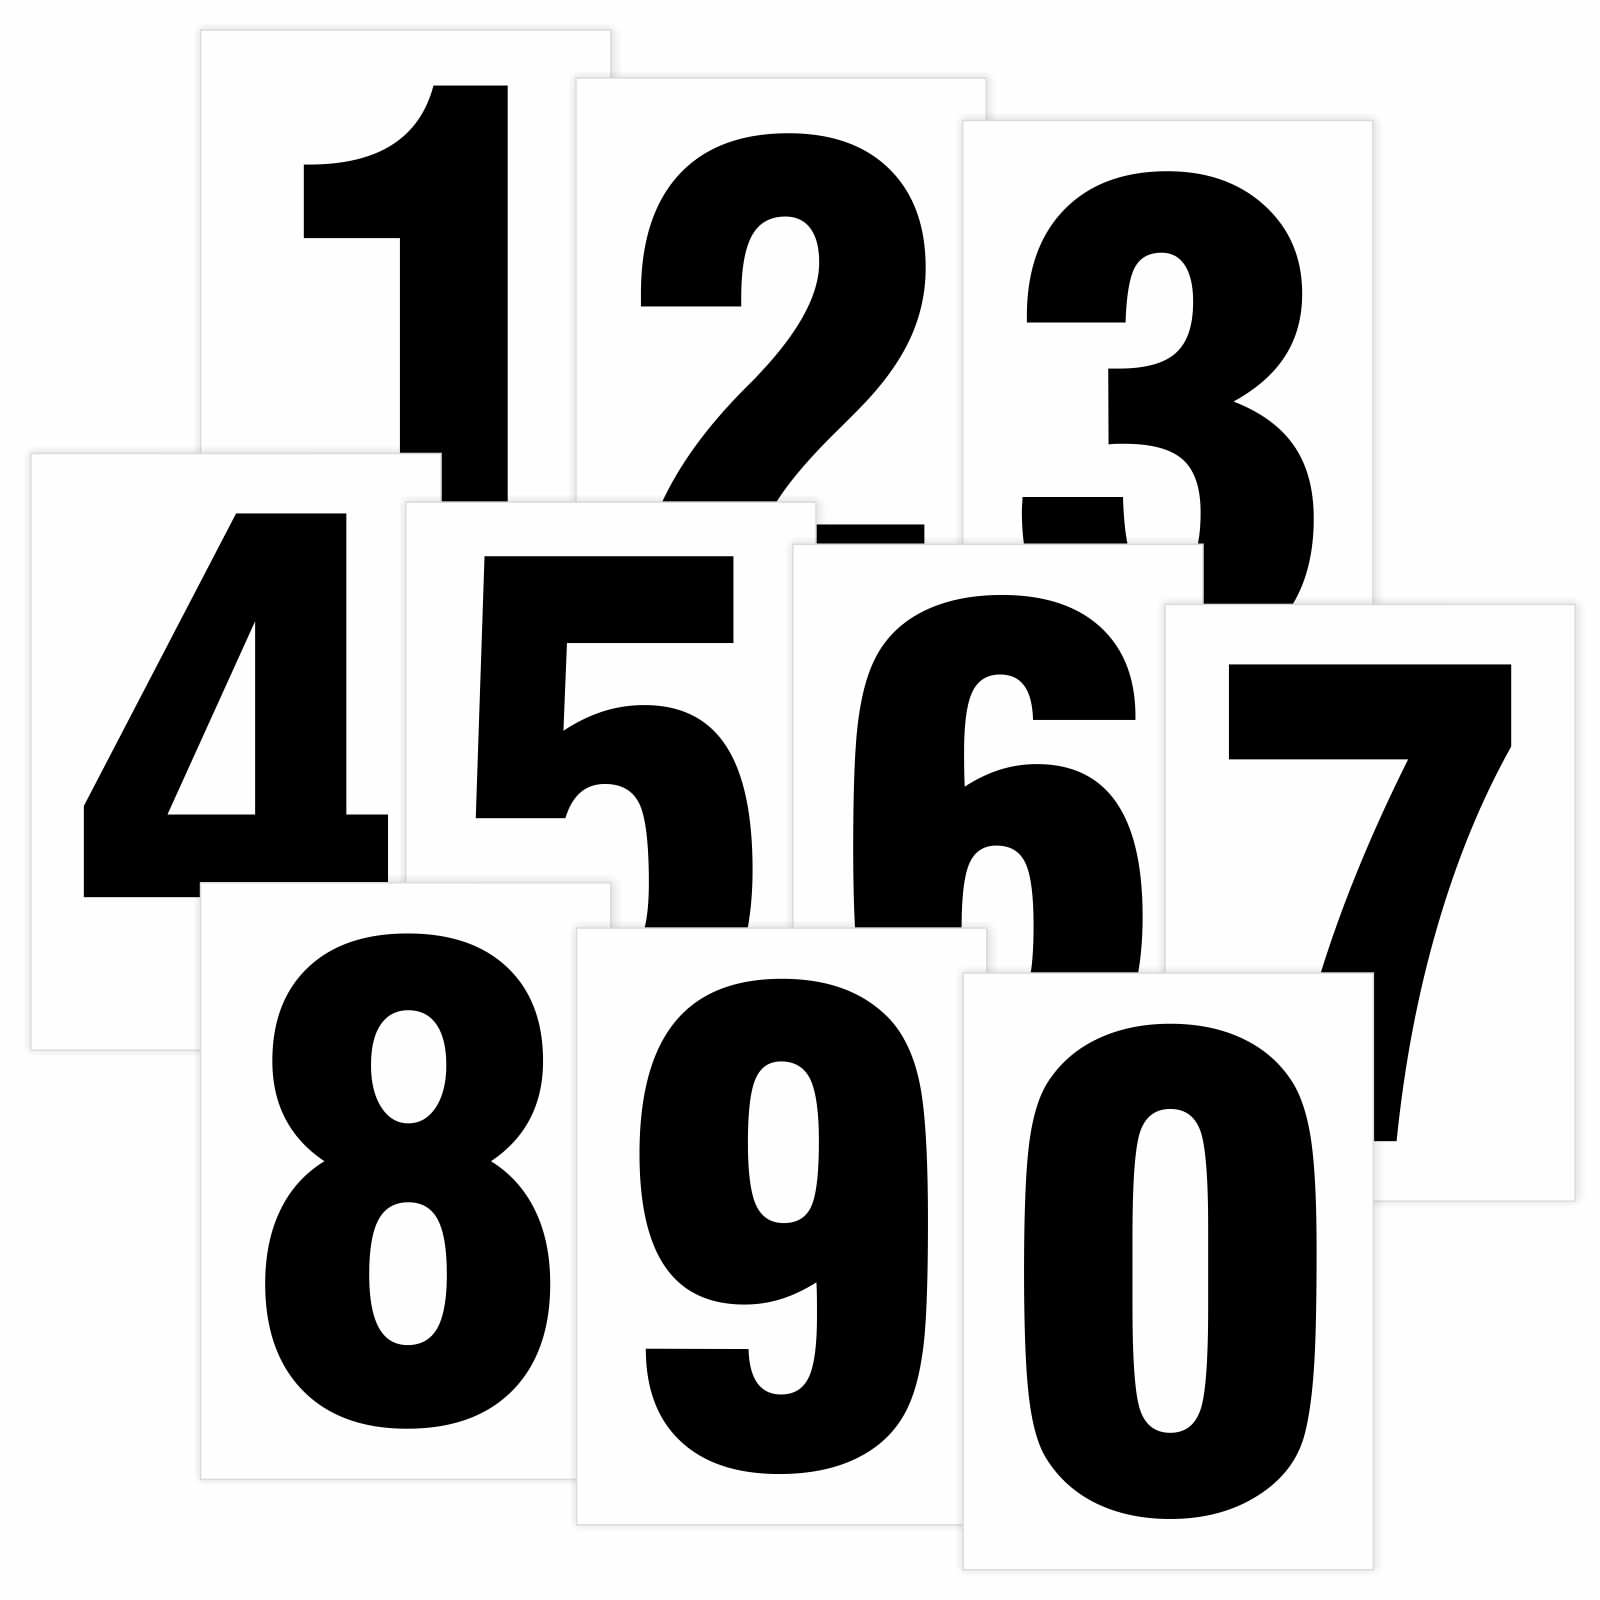 Buchstaben Zum Aufkleben Wetterfest : zahlen schwarz auf wei 5 cm hoch wetterfest als aufkleber ~ Watch28wear.com Haus und Dekorationen